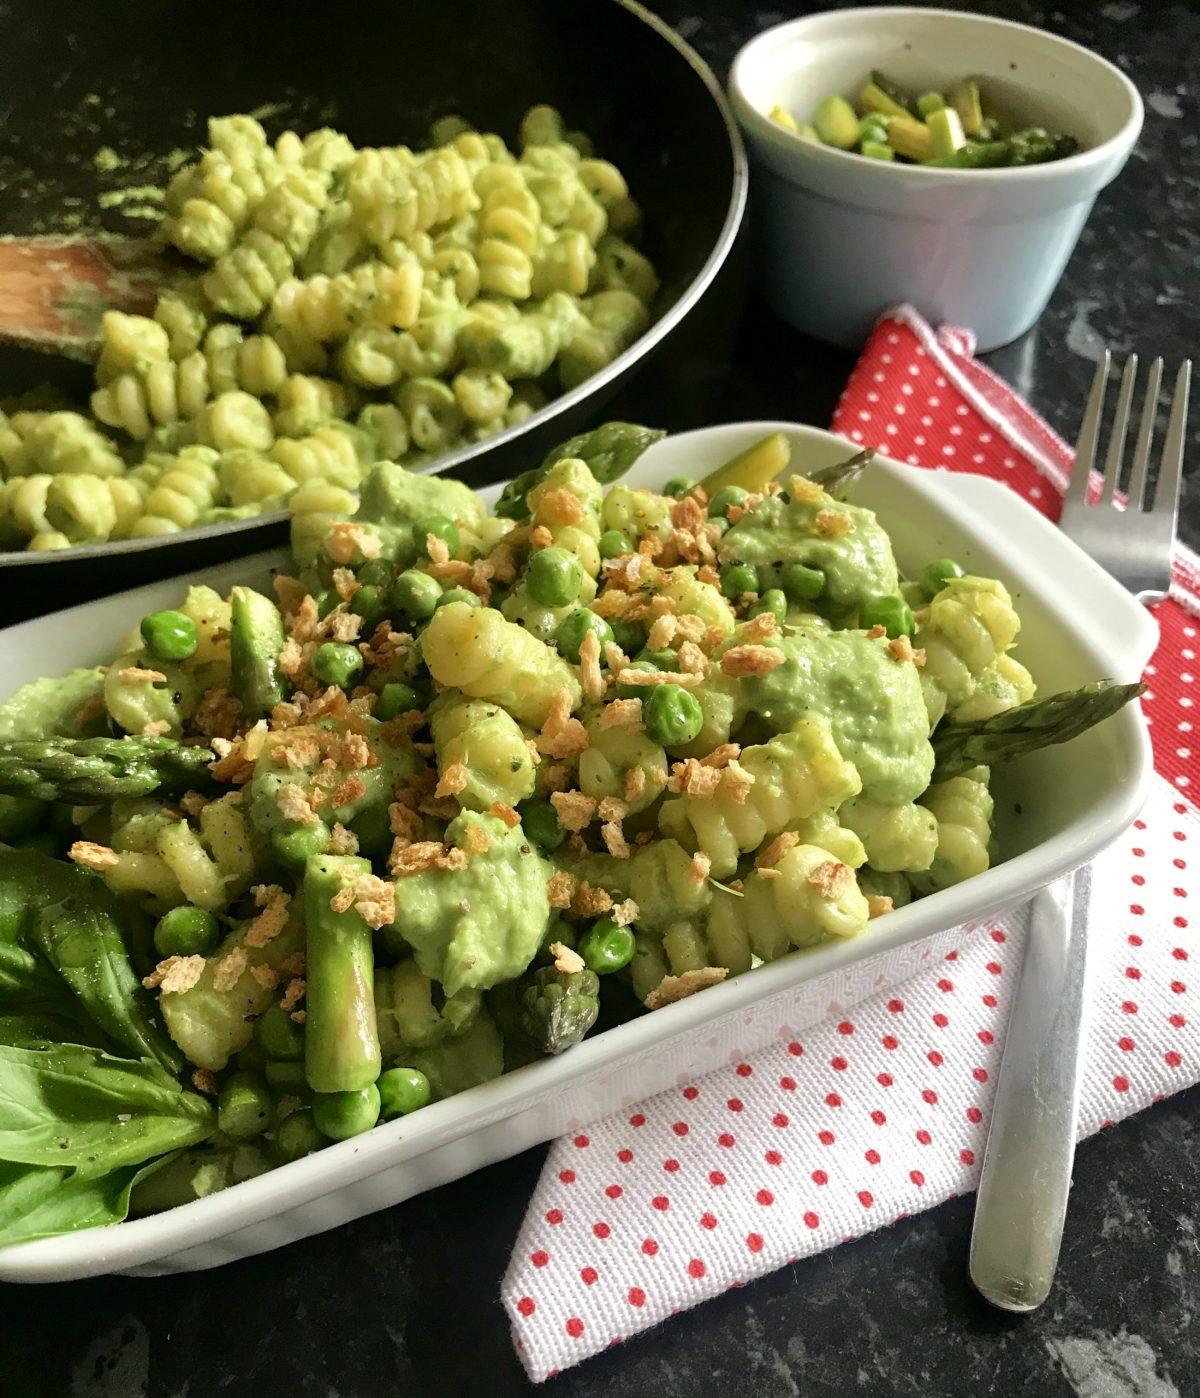 Epic Vegan Pasta with Cream of Asparagus